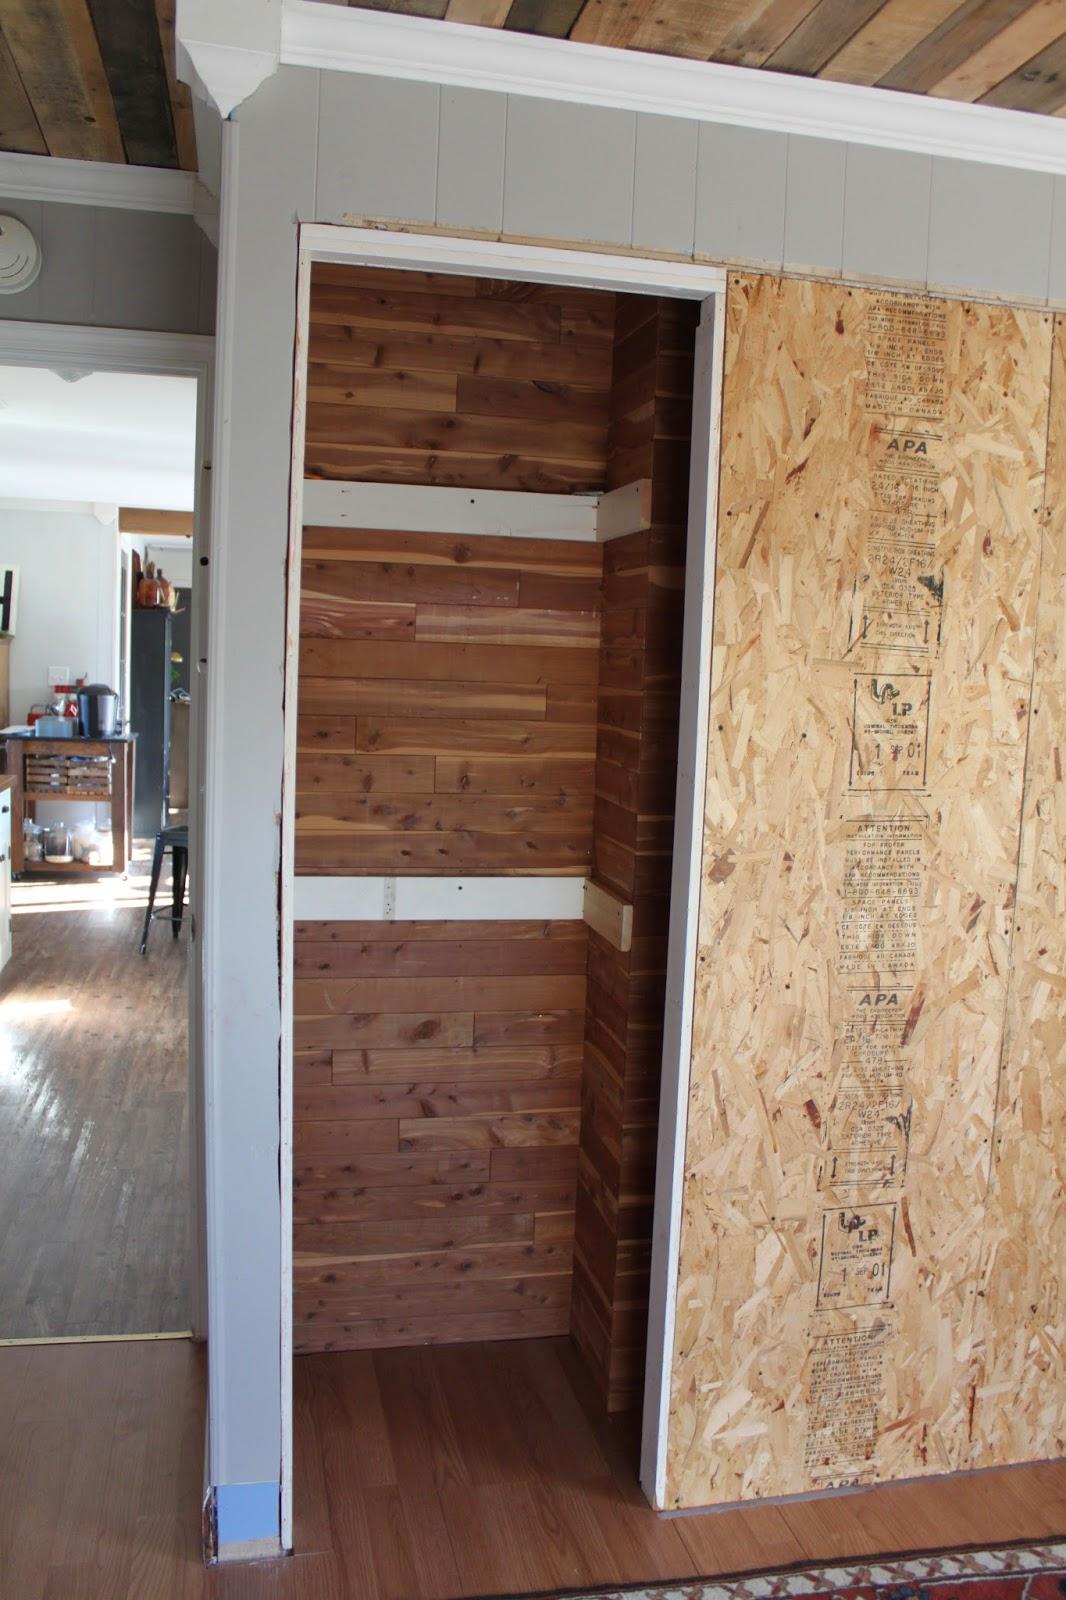 Every Closet Has A Cedar Lining